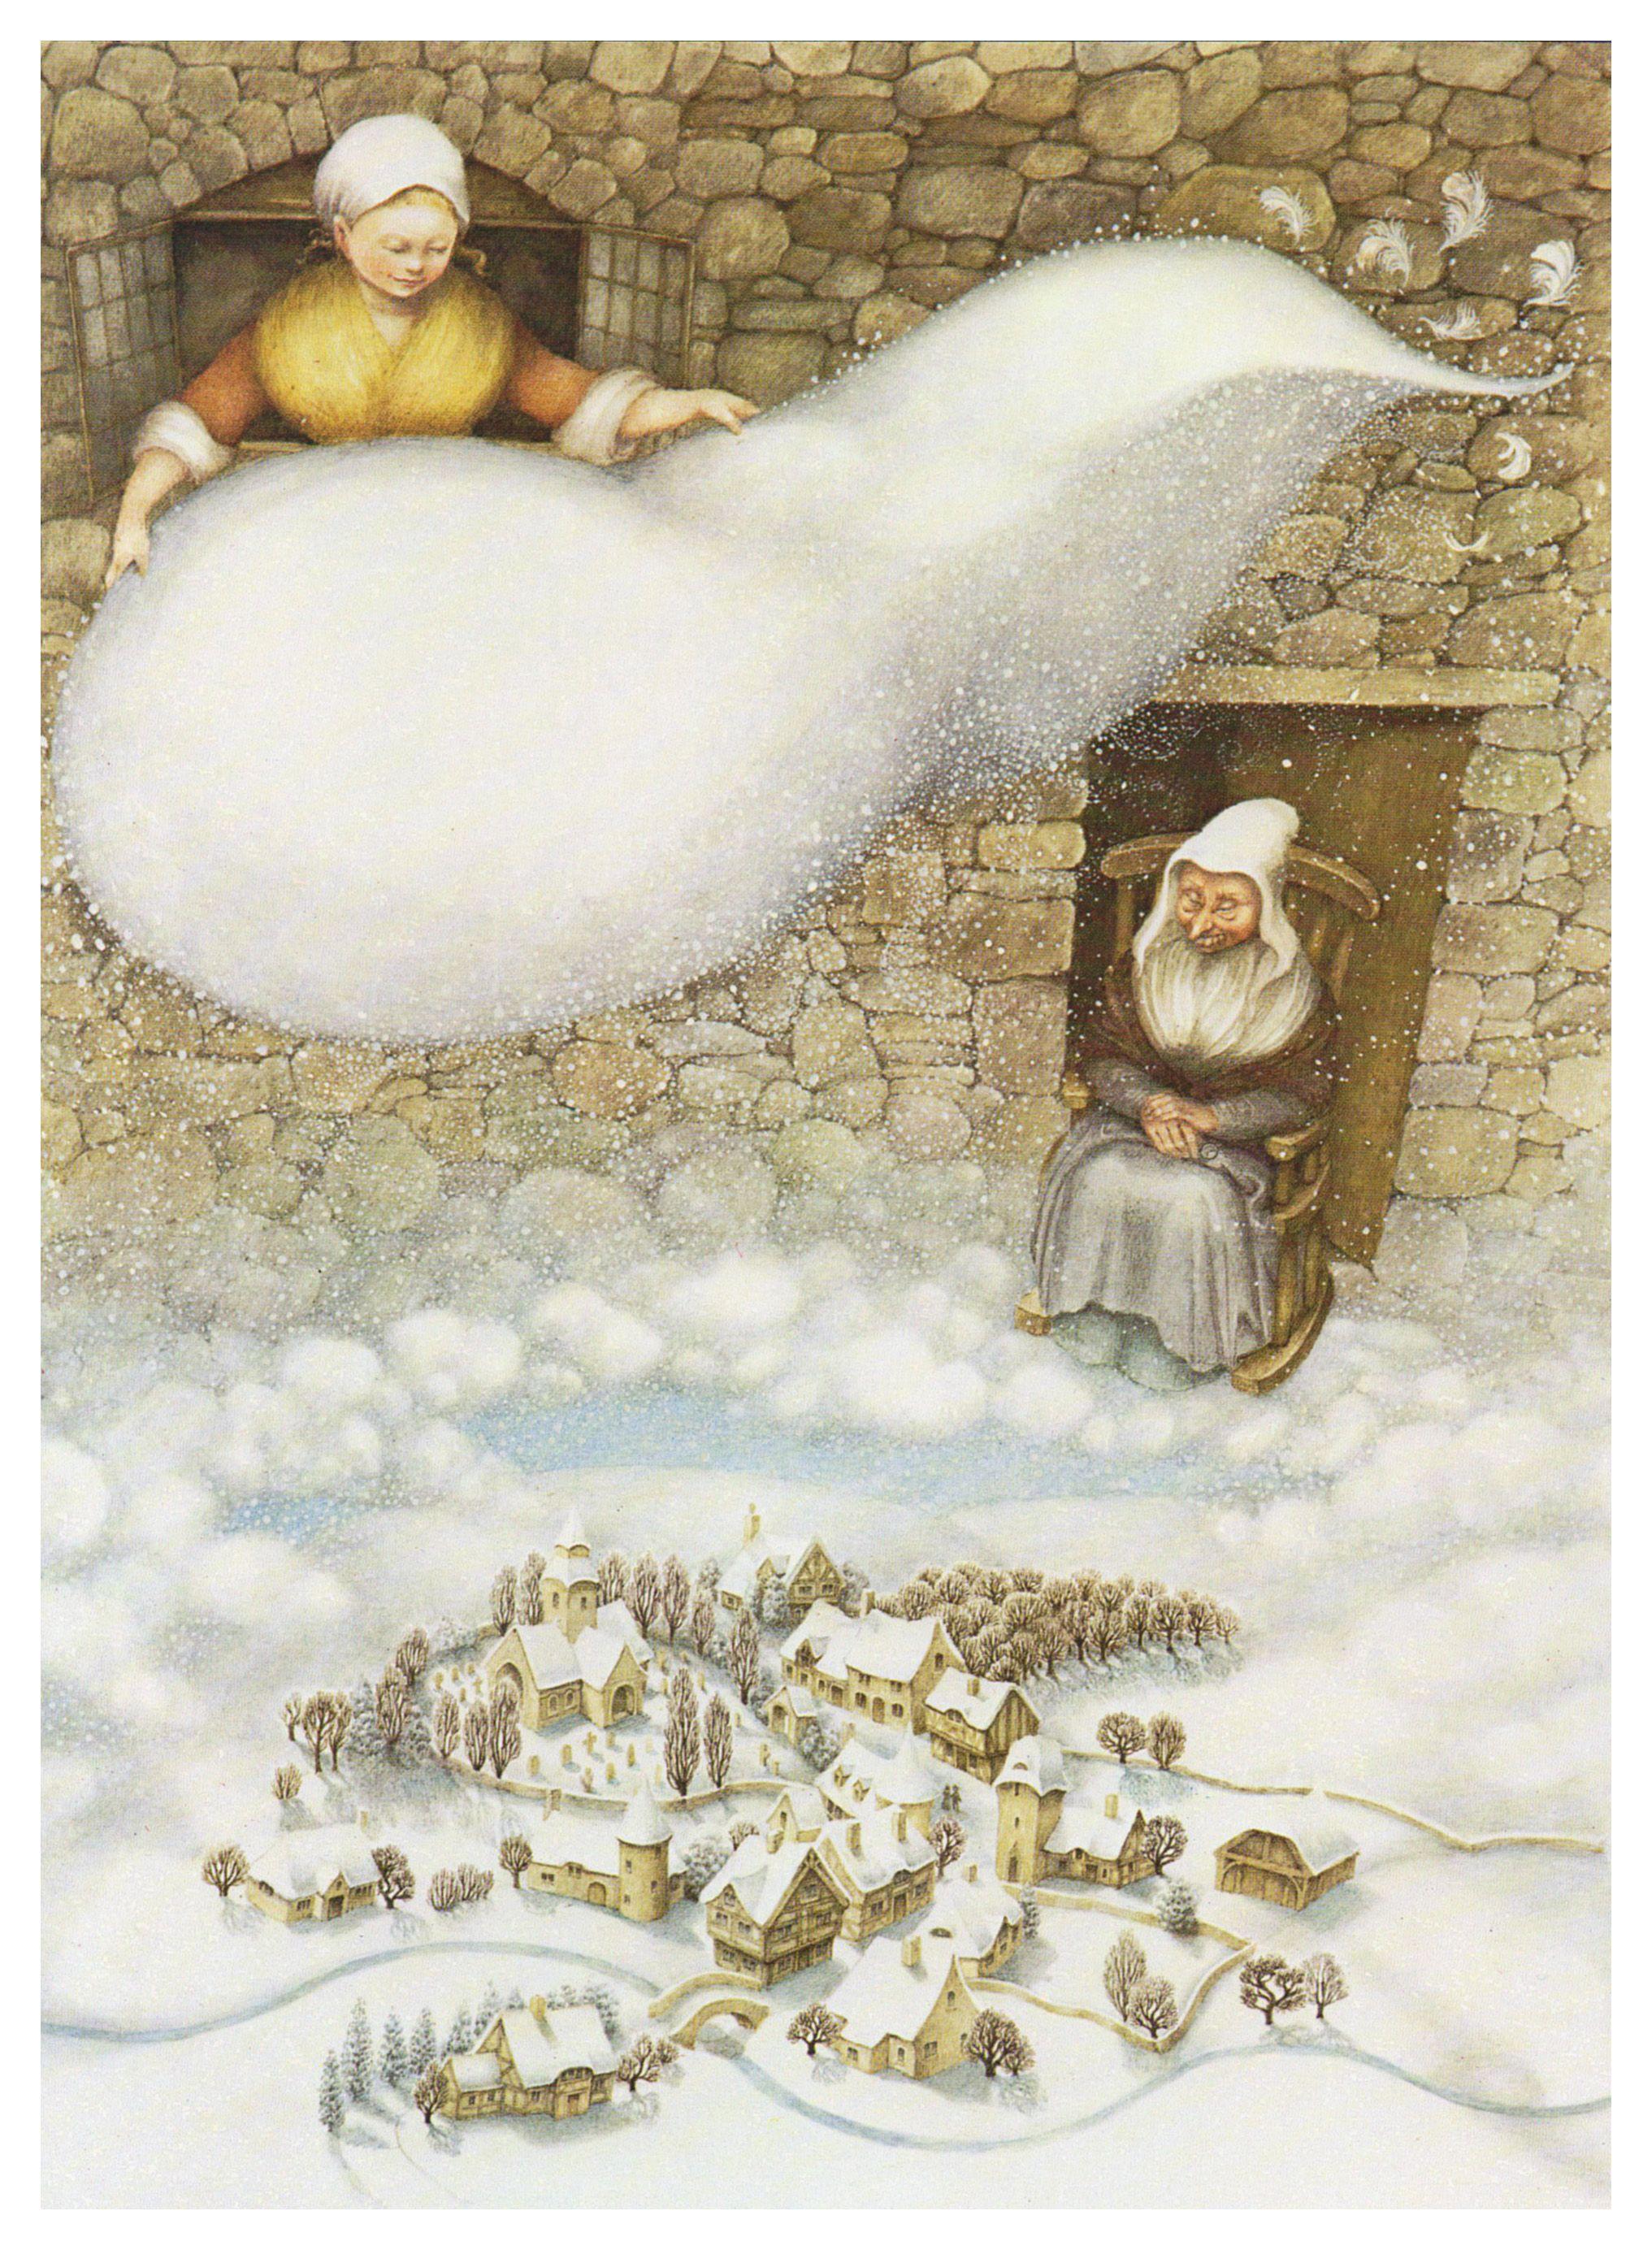 frau holle illustrationen  illustration märchen kunst